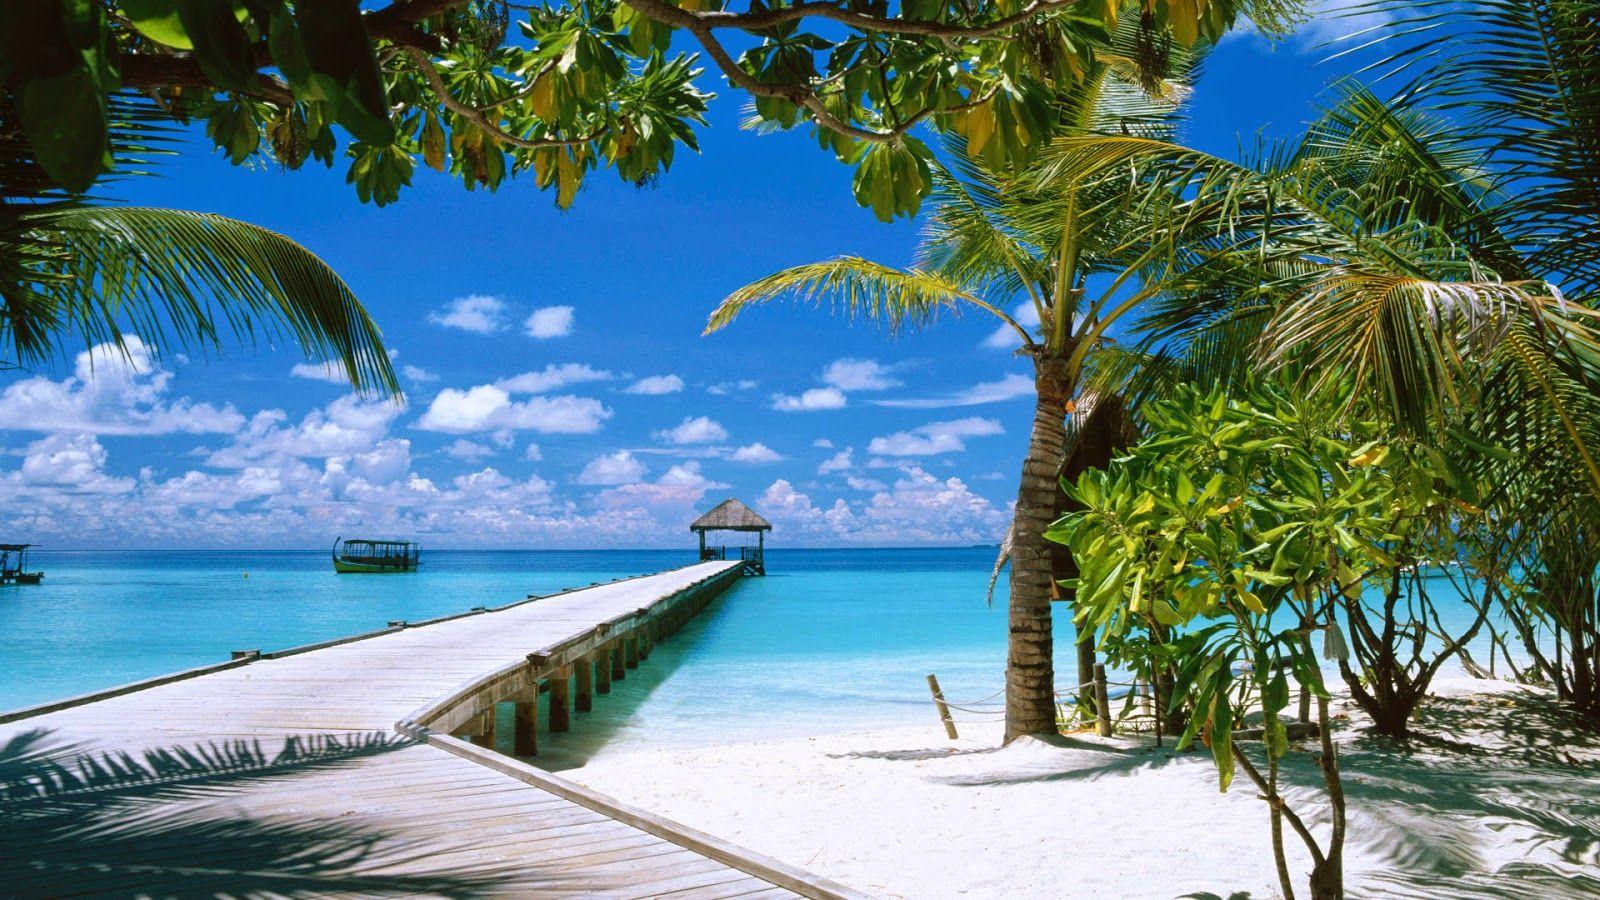 احباب الجزائر Ahbab Aljazair مناظر خلابة في جزر المالديف السياحة في البلاد الاسلامية Beaches In The World Beautiful Beaches Maldives Island